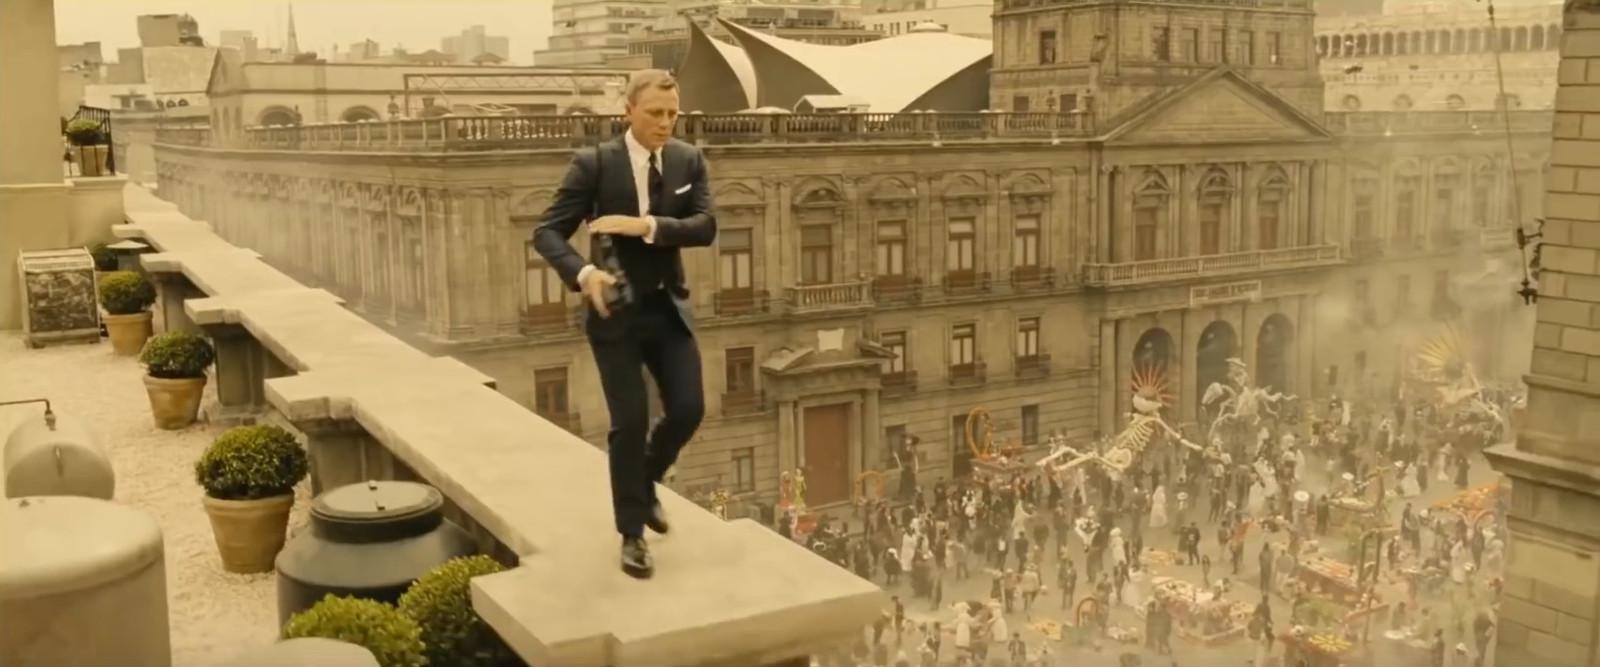 「007 スペクター」より